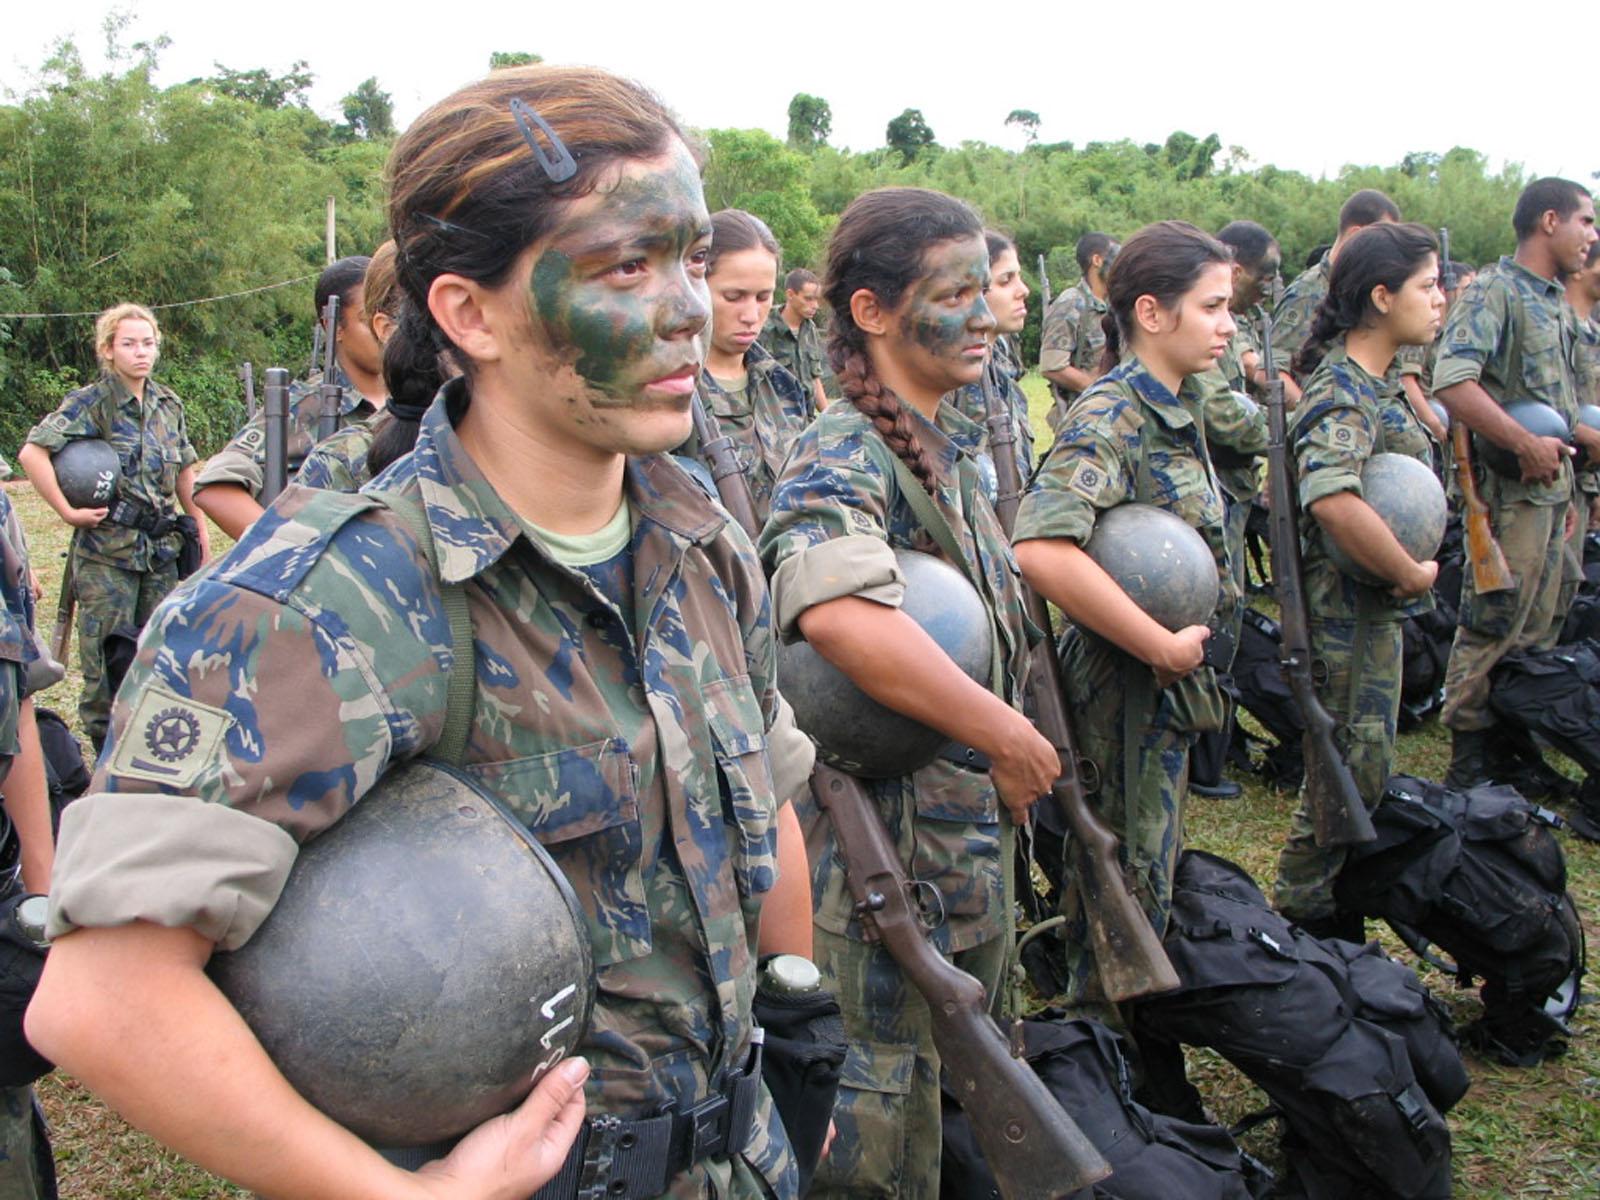 英姿飒爽又可爱的巴西女警与女兵!